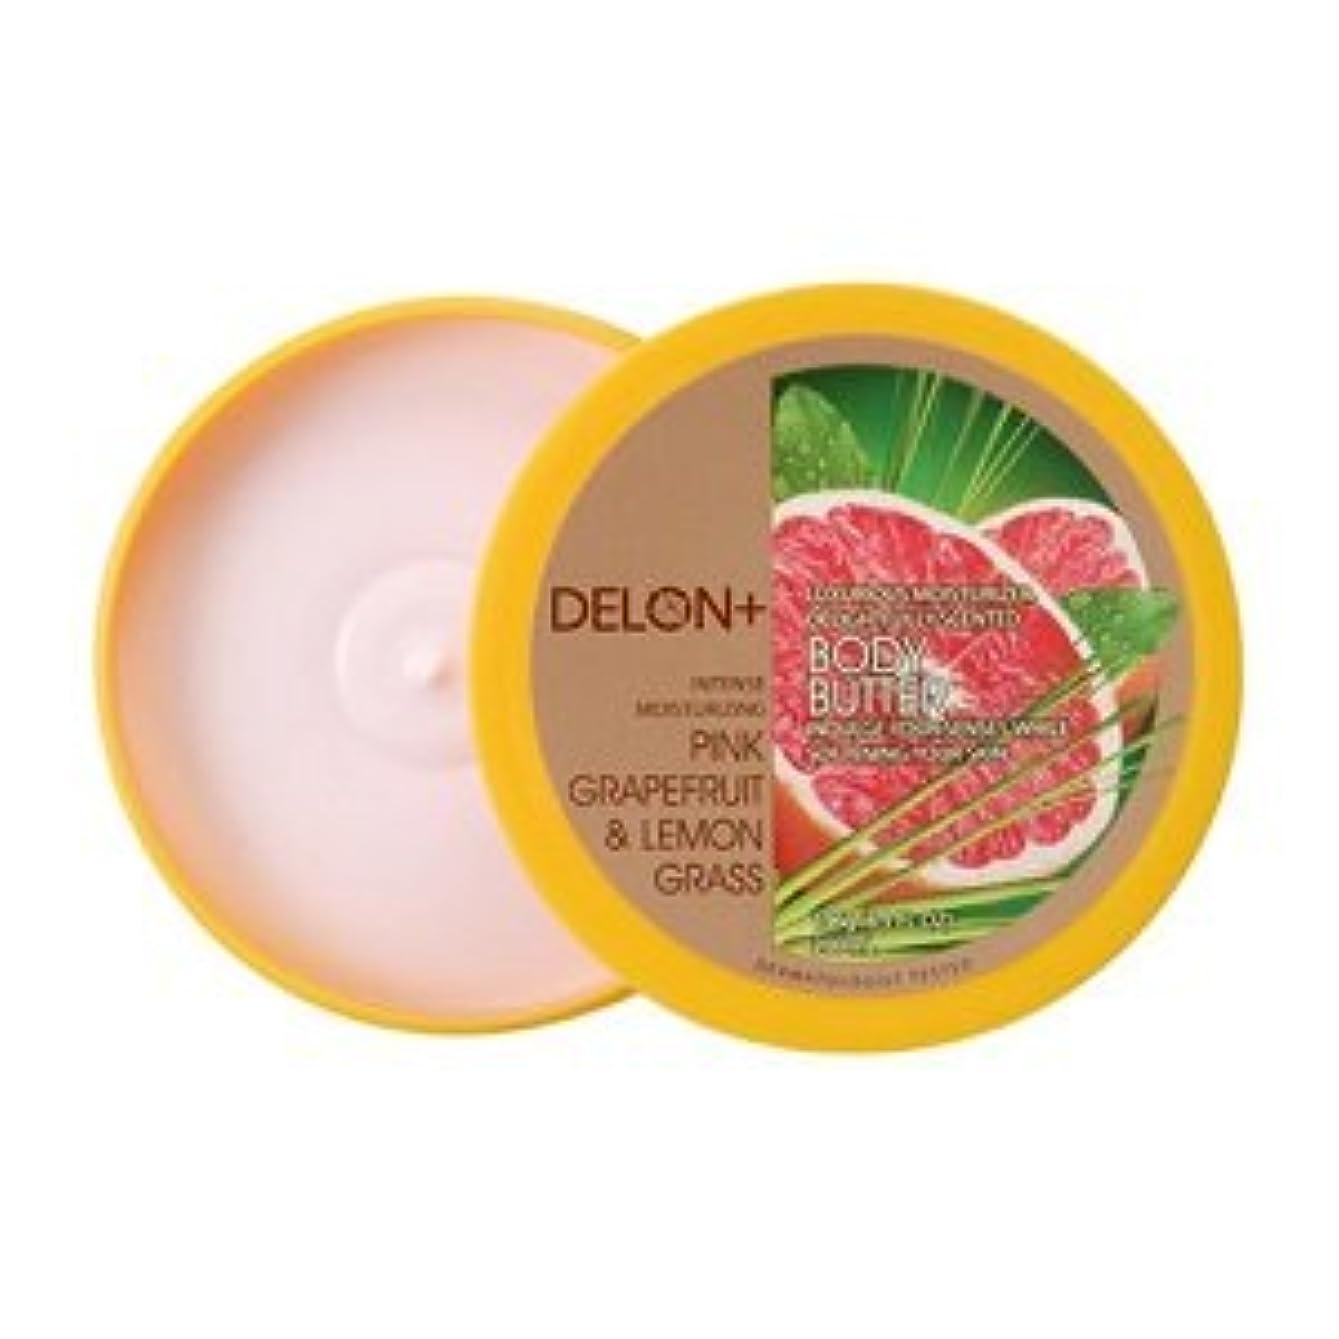 キリマンジャロモーター起こるデロン ボディバター ピンクグレープフルーツ & ;レモングラス 196g ボディクリーム